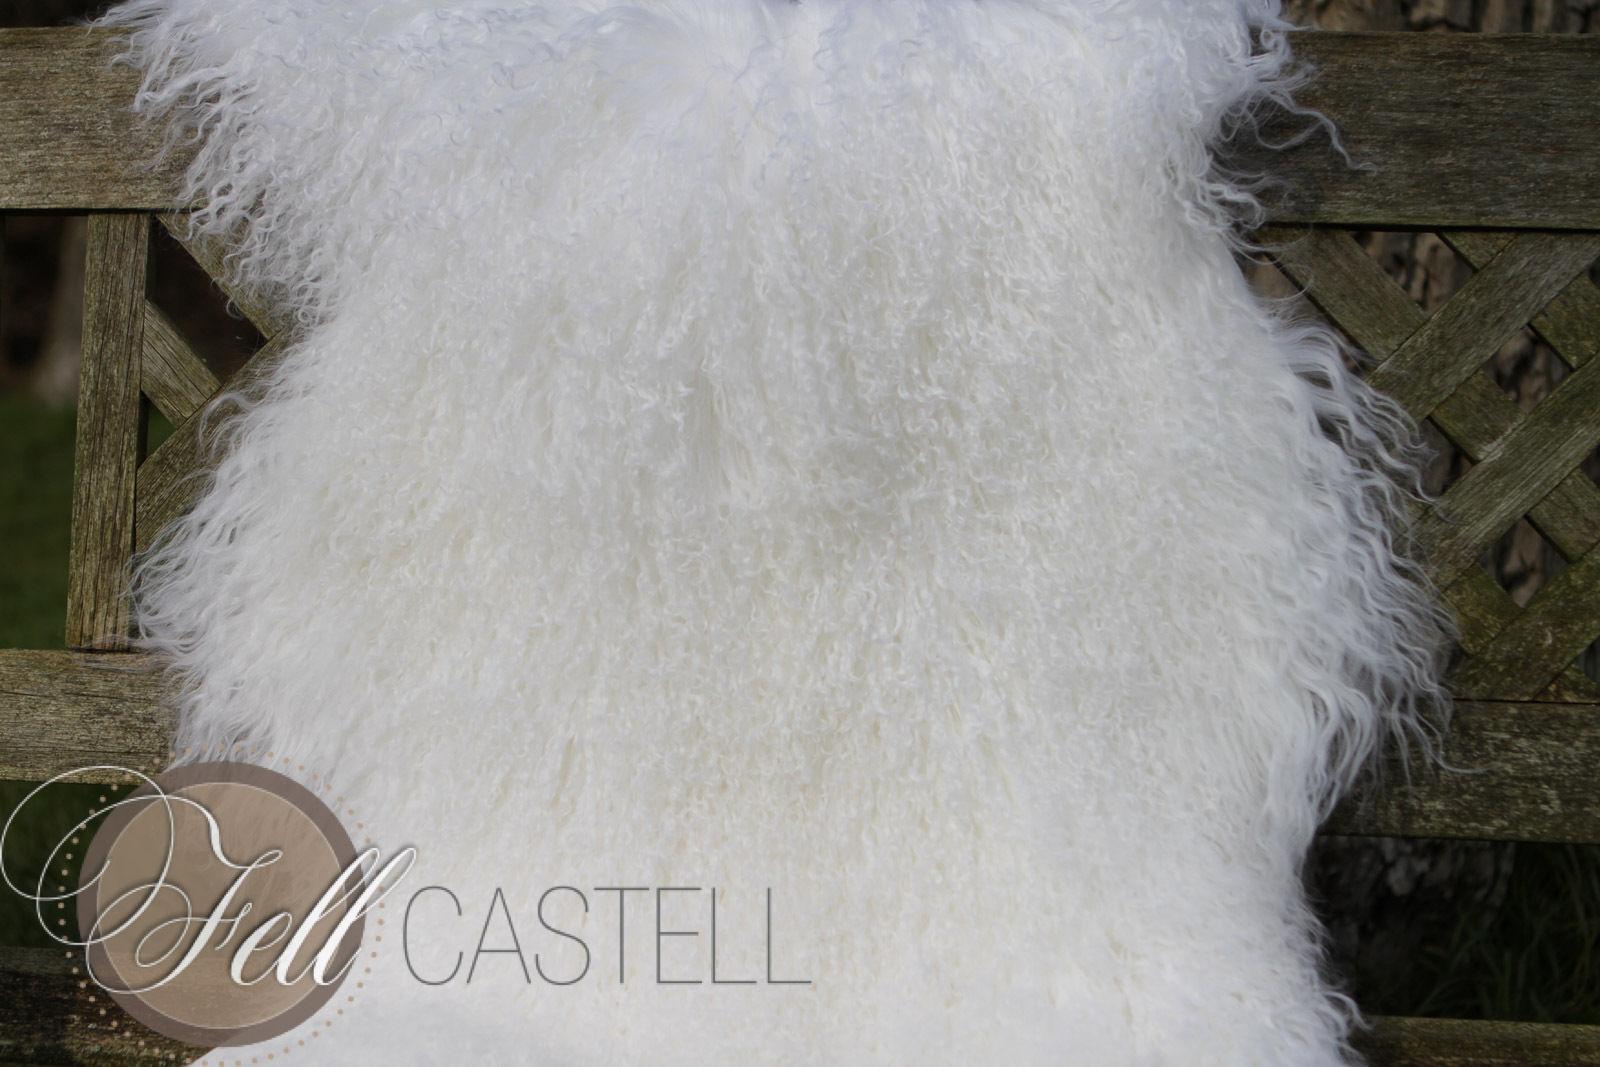 Tibetlammfell Mongolisches Lammfell schnee-weiß 85 cm